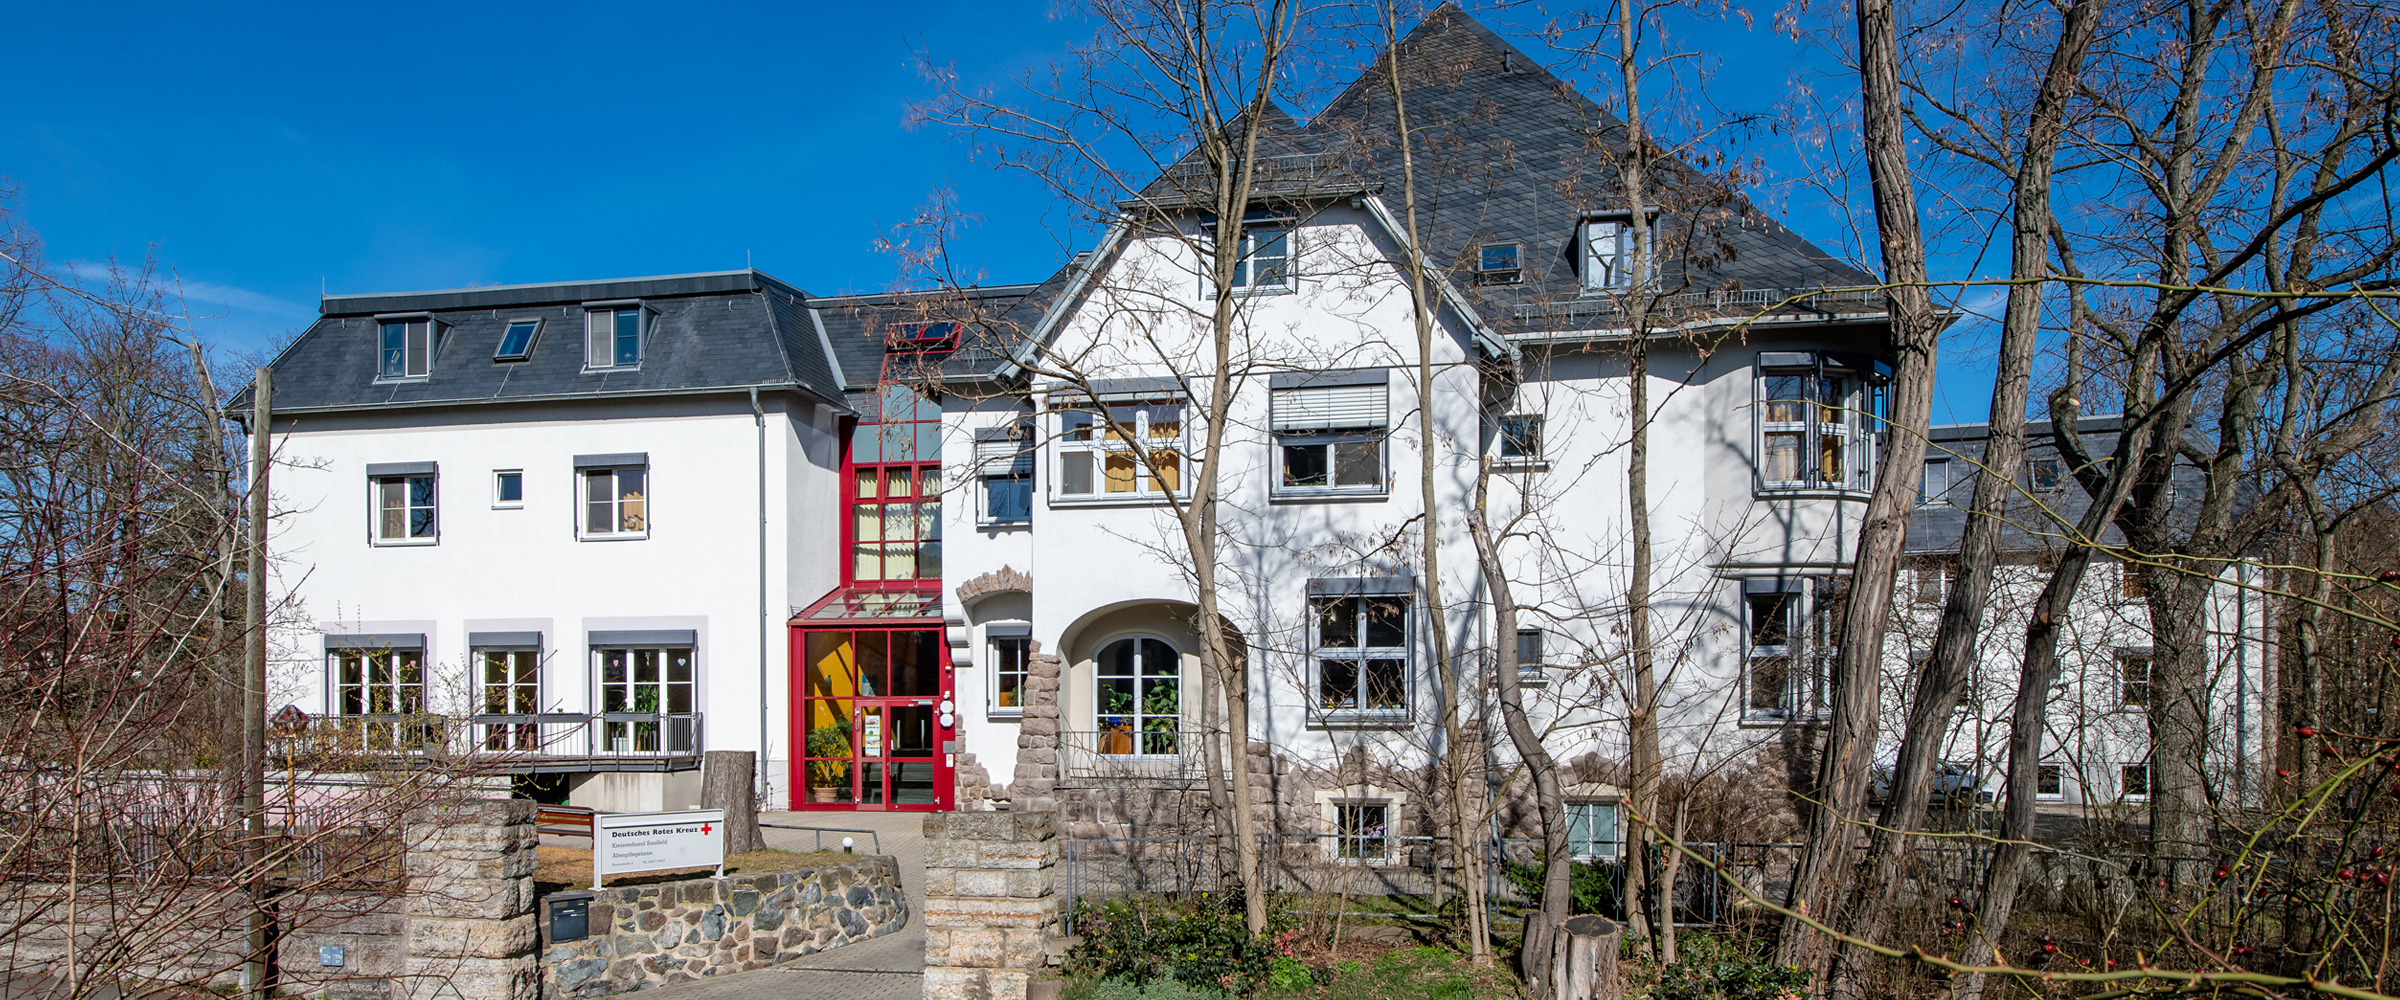 2400x1000_slider_altenpflegeheim_hannostrasse